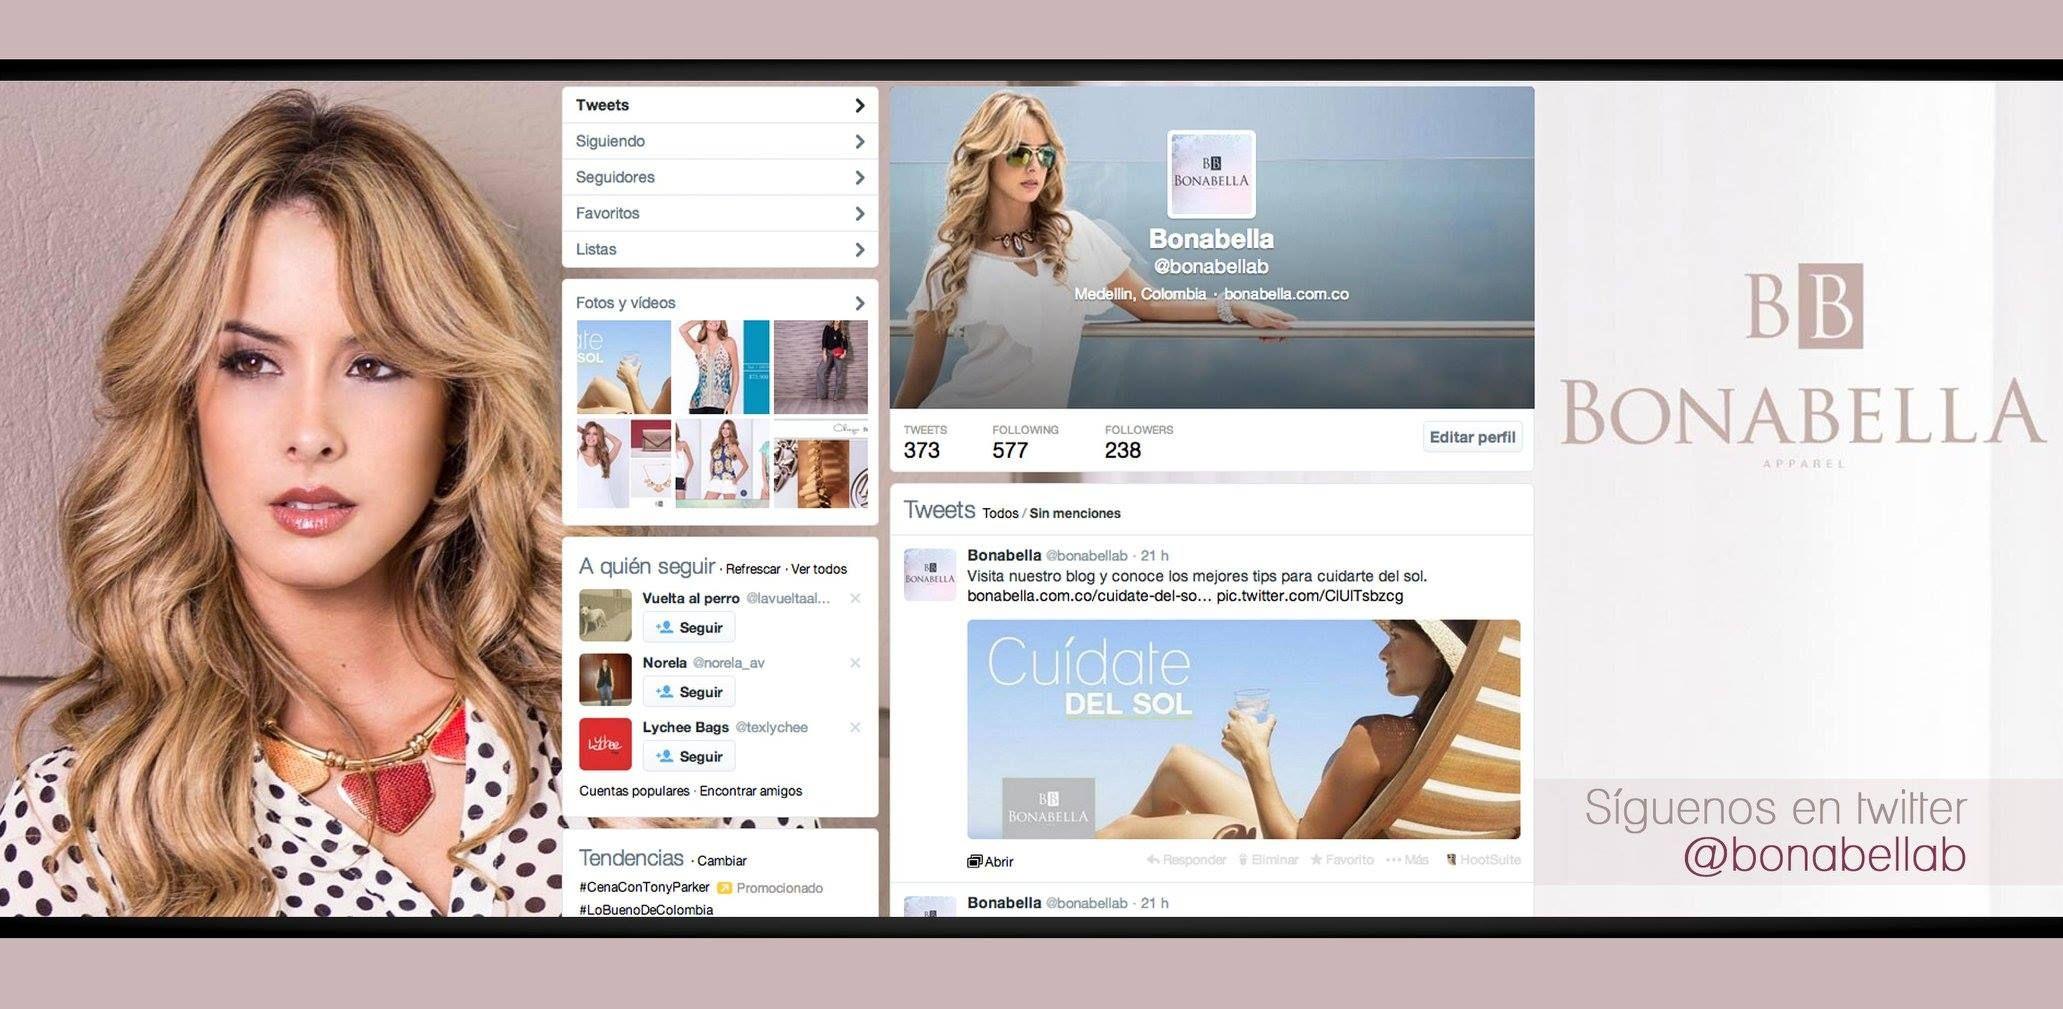 Estamos en twitter como @Bonabella, entérate de nuestras nuevas colecciones, tips de belleza y últimas tendencias en moda...